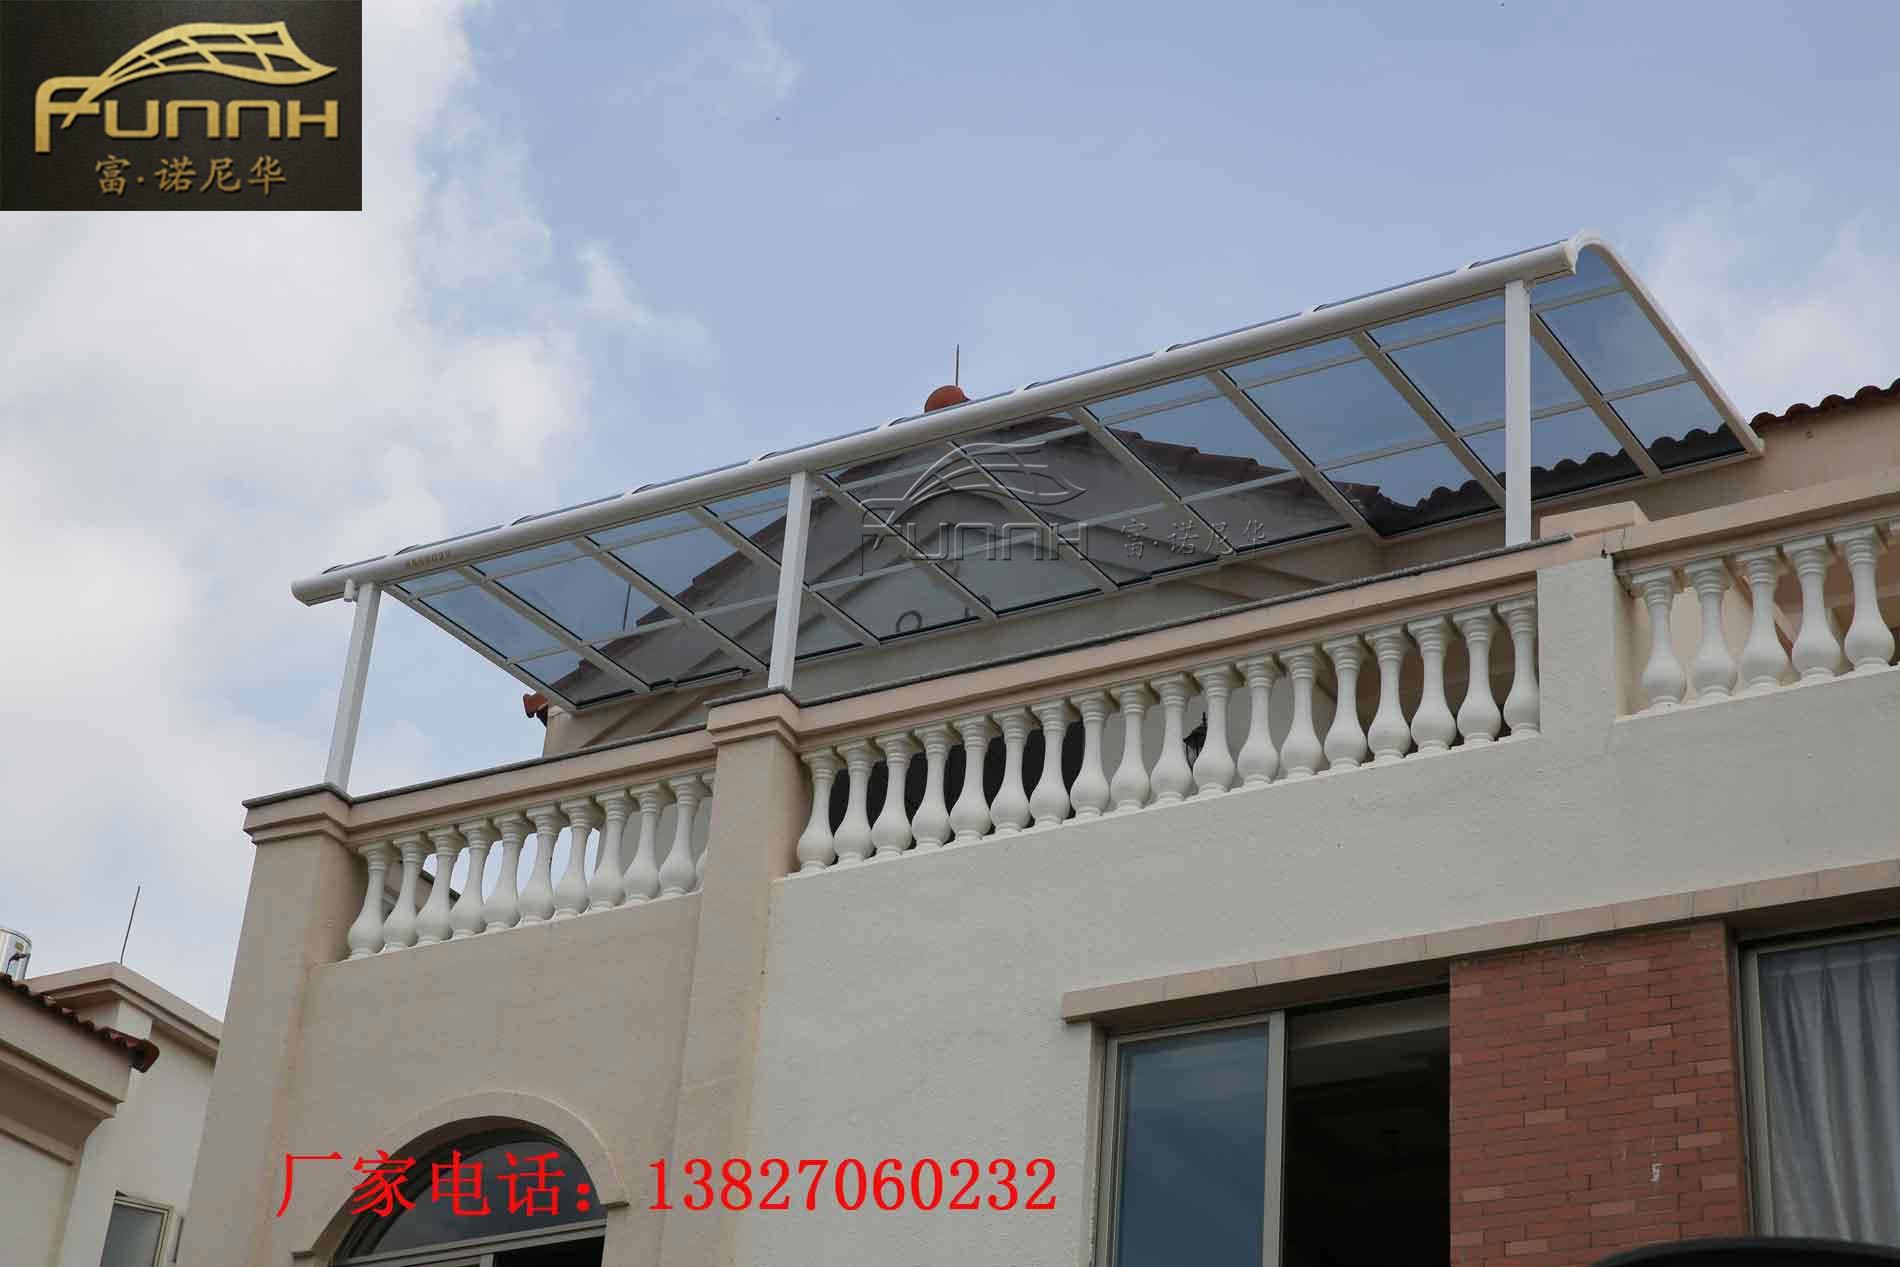 廠家定制鋁合金雨棚 窗戶陽臺別墅大門遮陽棚 耐力板防曬雨棚